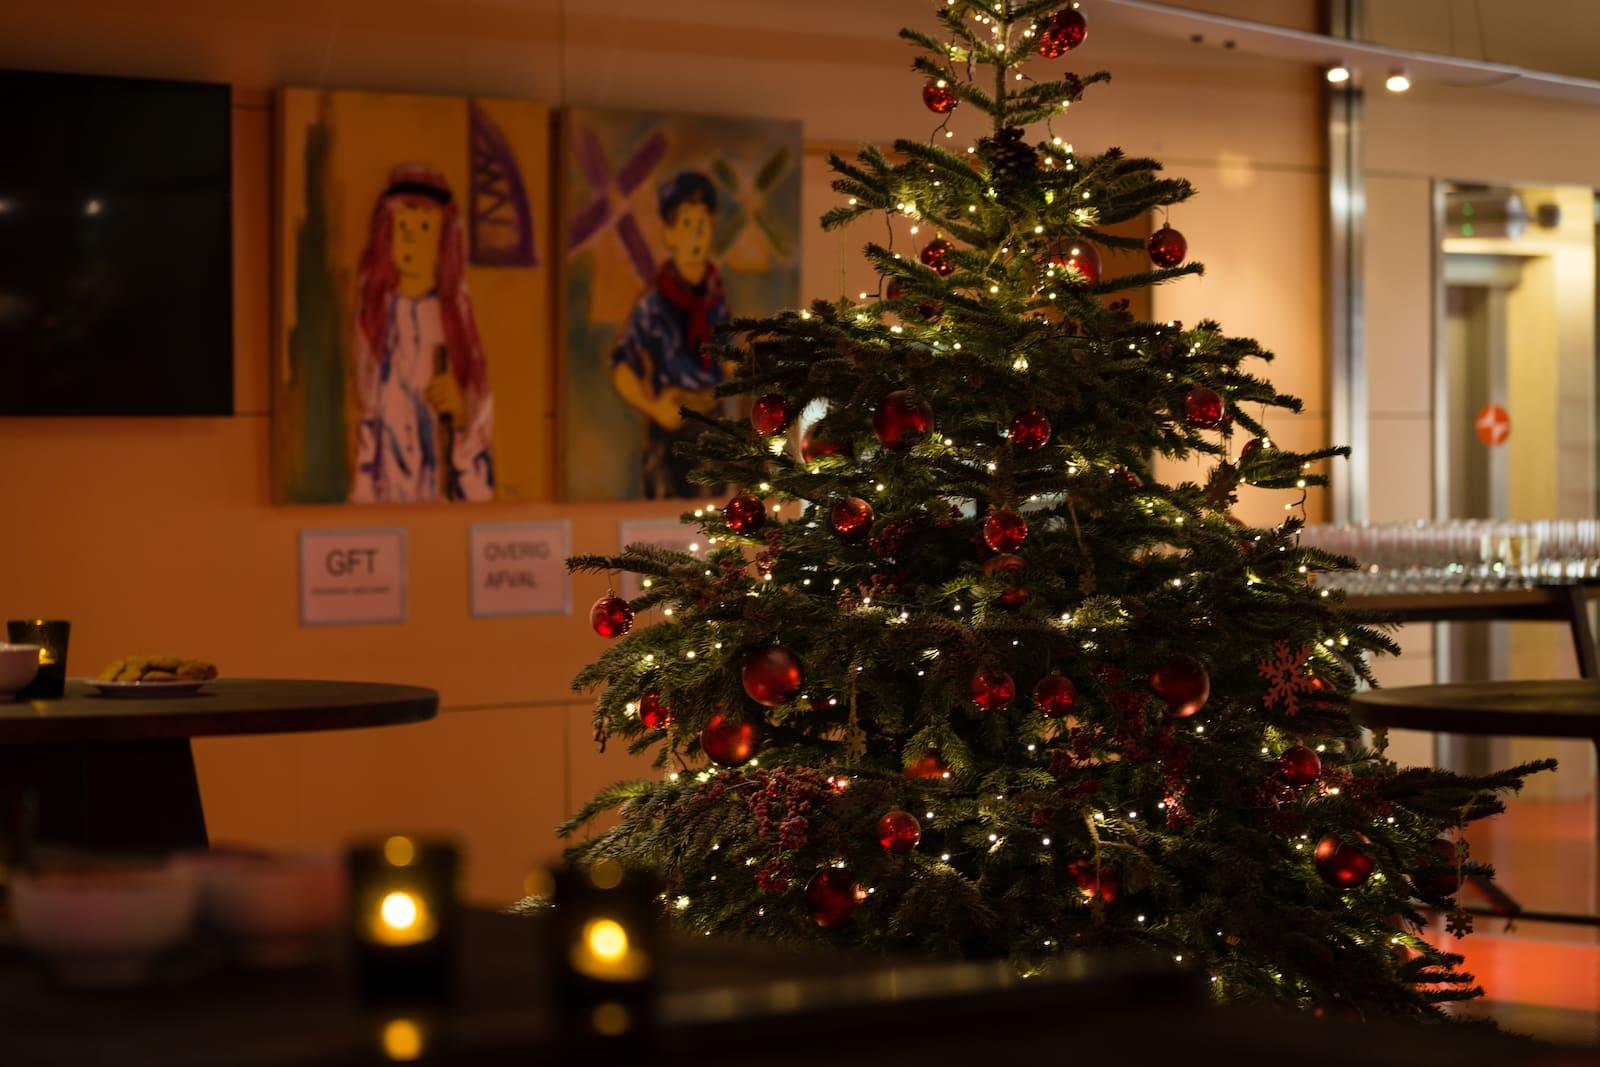 Bas de Boer Eventstyling Weihnachtsdekoration Traditional Weihnachtsbaum weihnachtsfeier www.basdeboer eventstyling.de  - Weihnachtsfeier Eventstyling